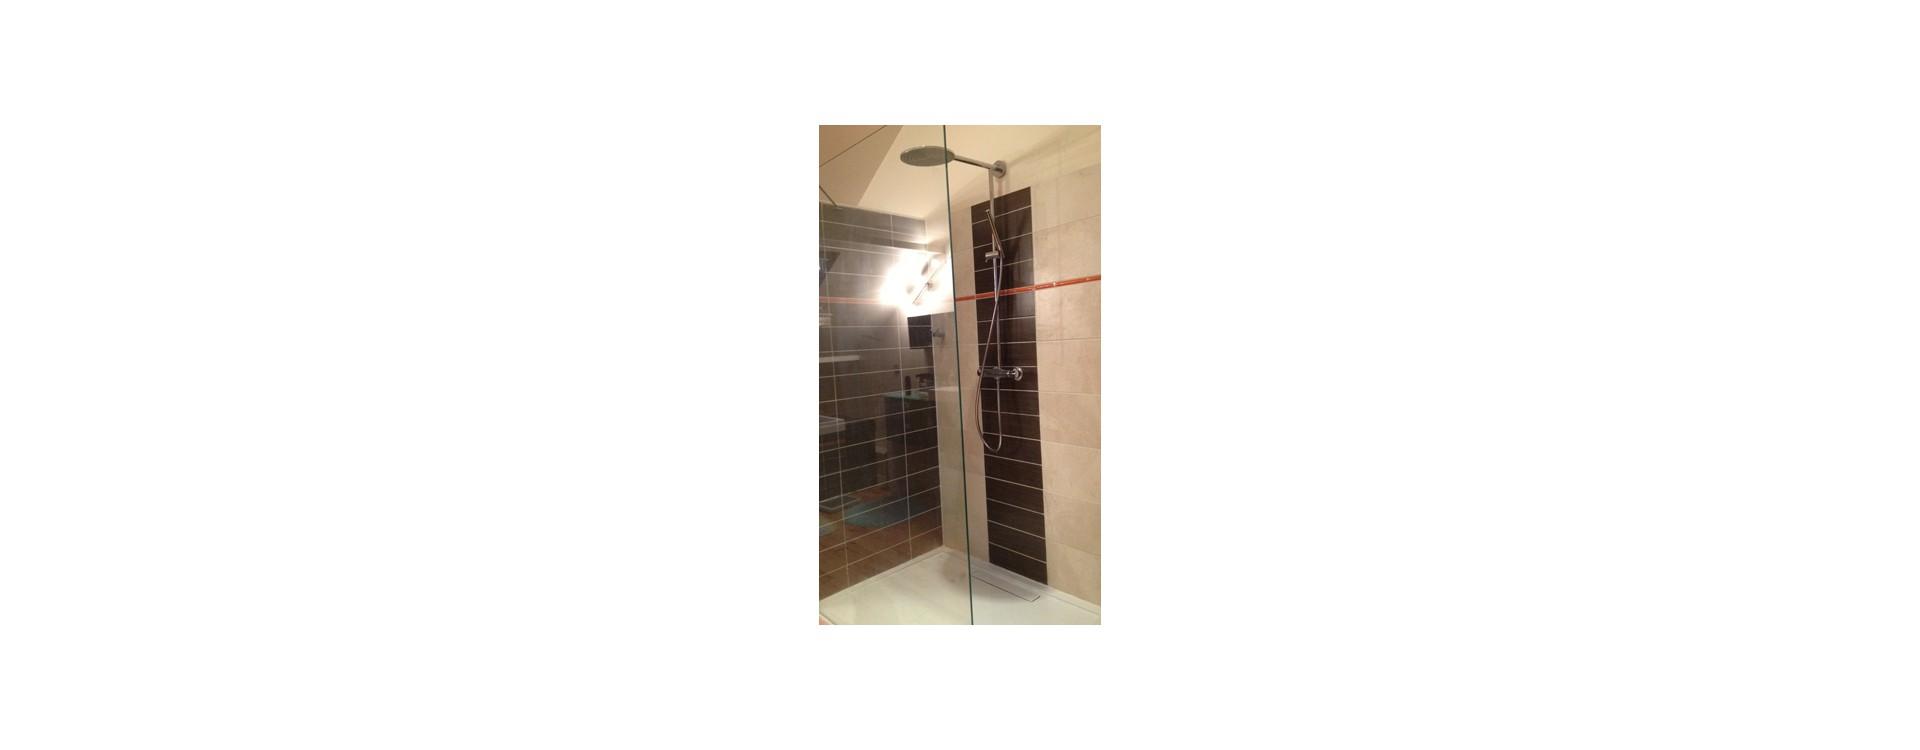 Paroi de douche en verre et tringle à rideau de douche d'angle sur-mesure GalboBain